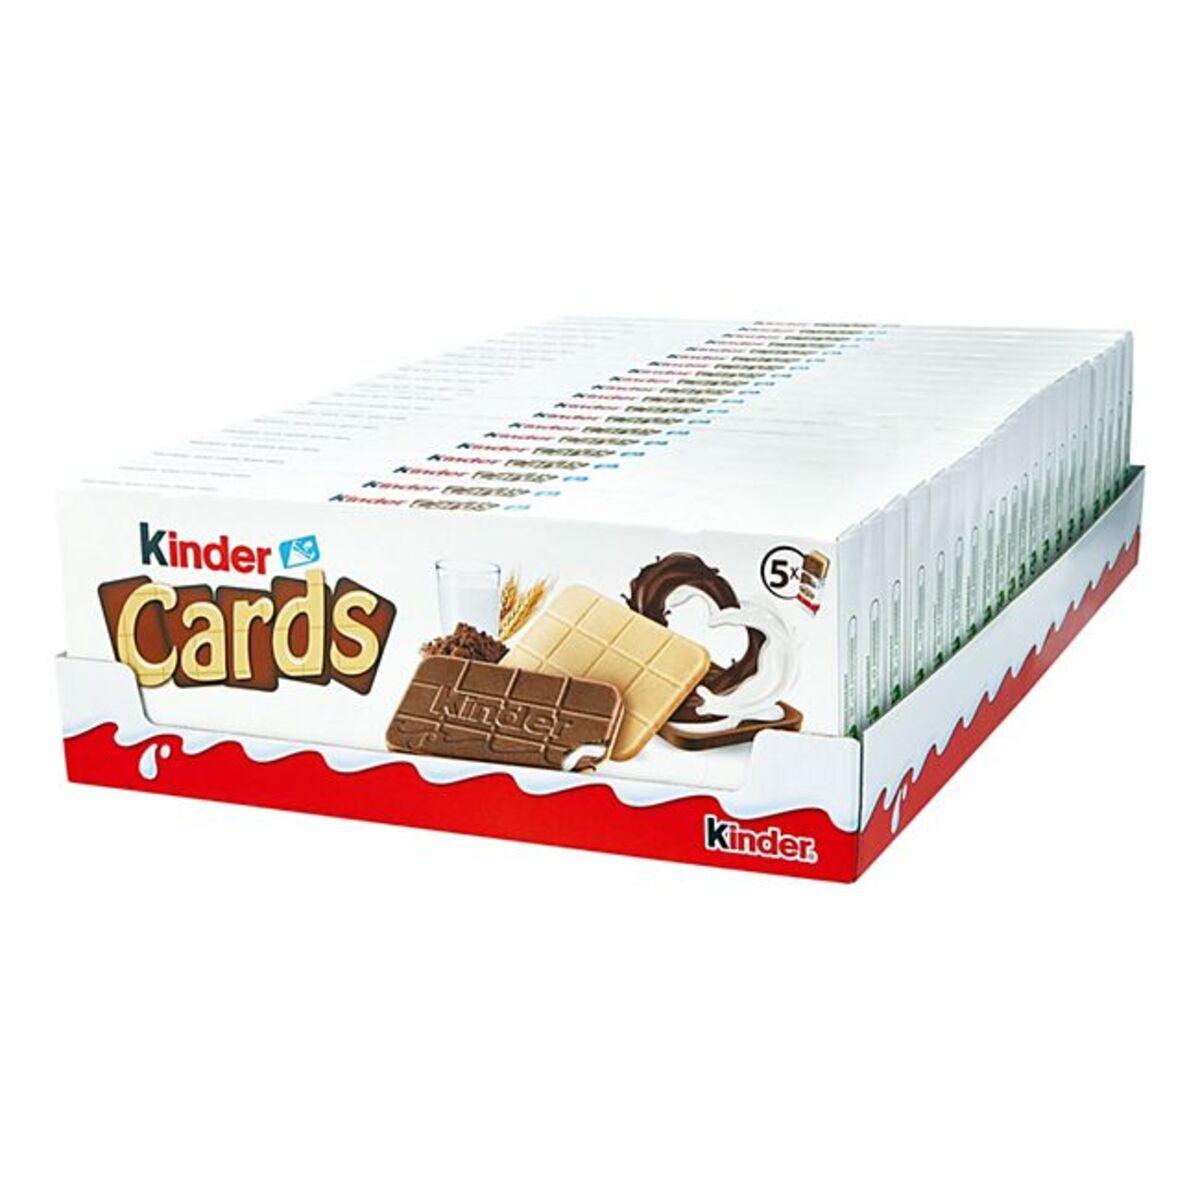 Bild 1 von Ferrero Kinder Cards 128 g, 20er Pack